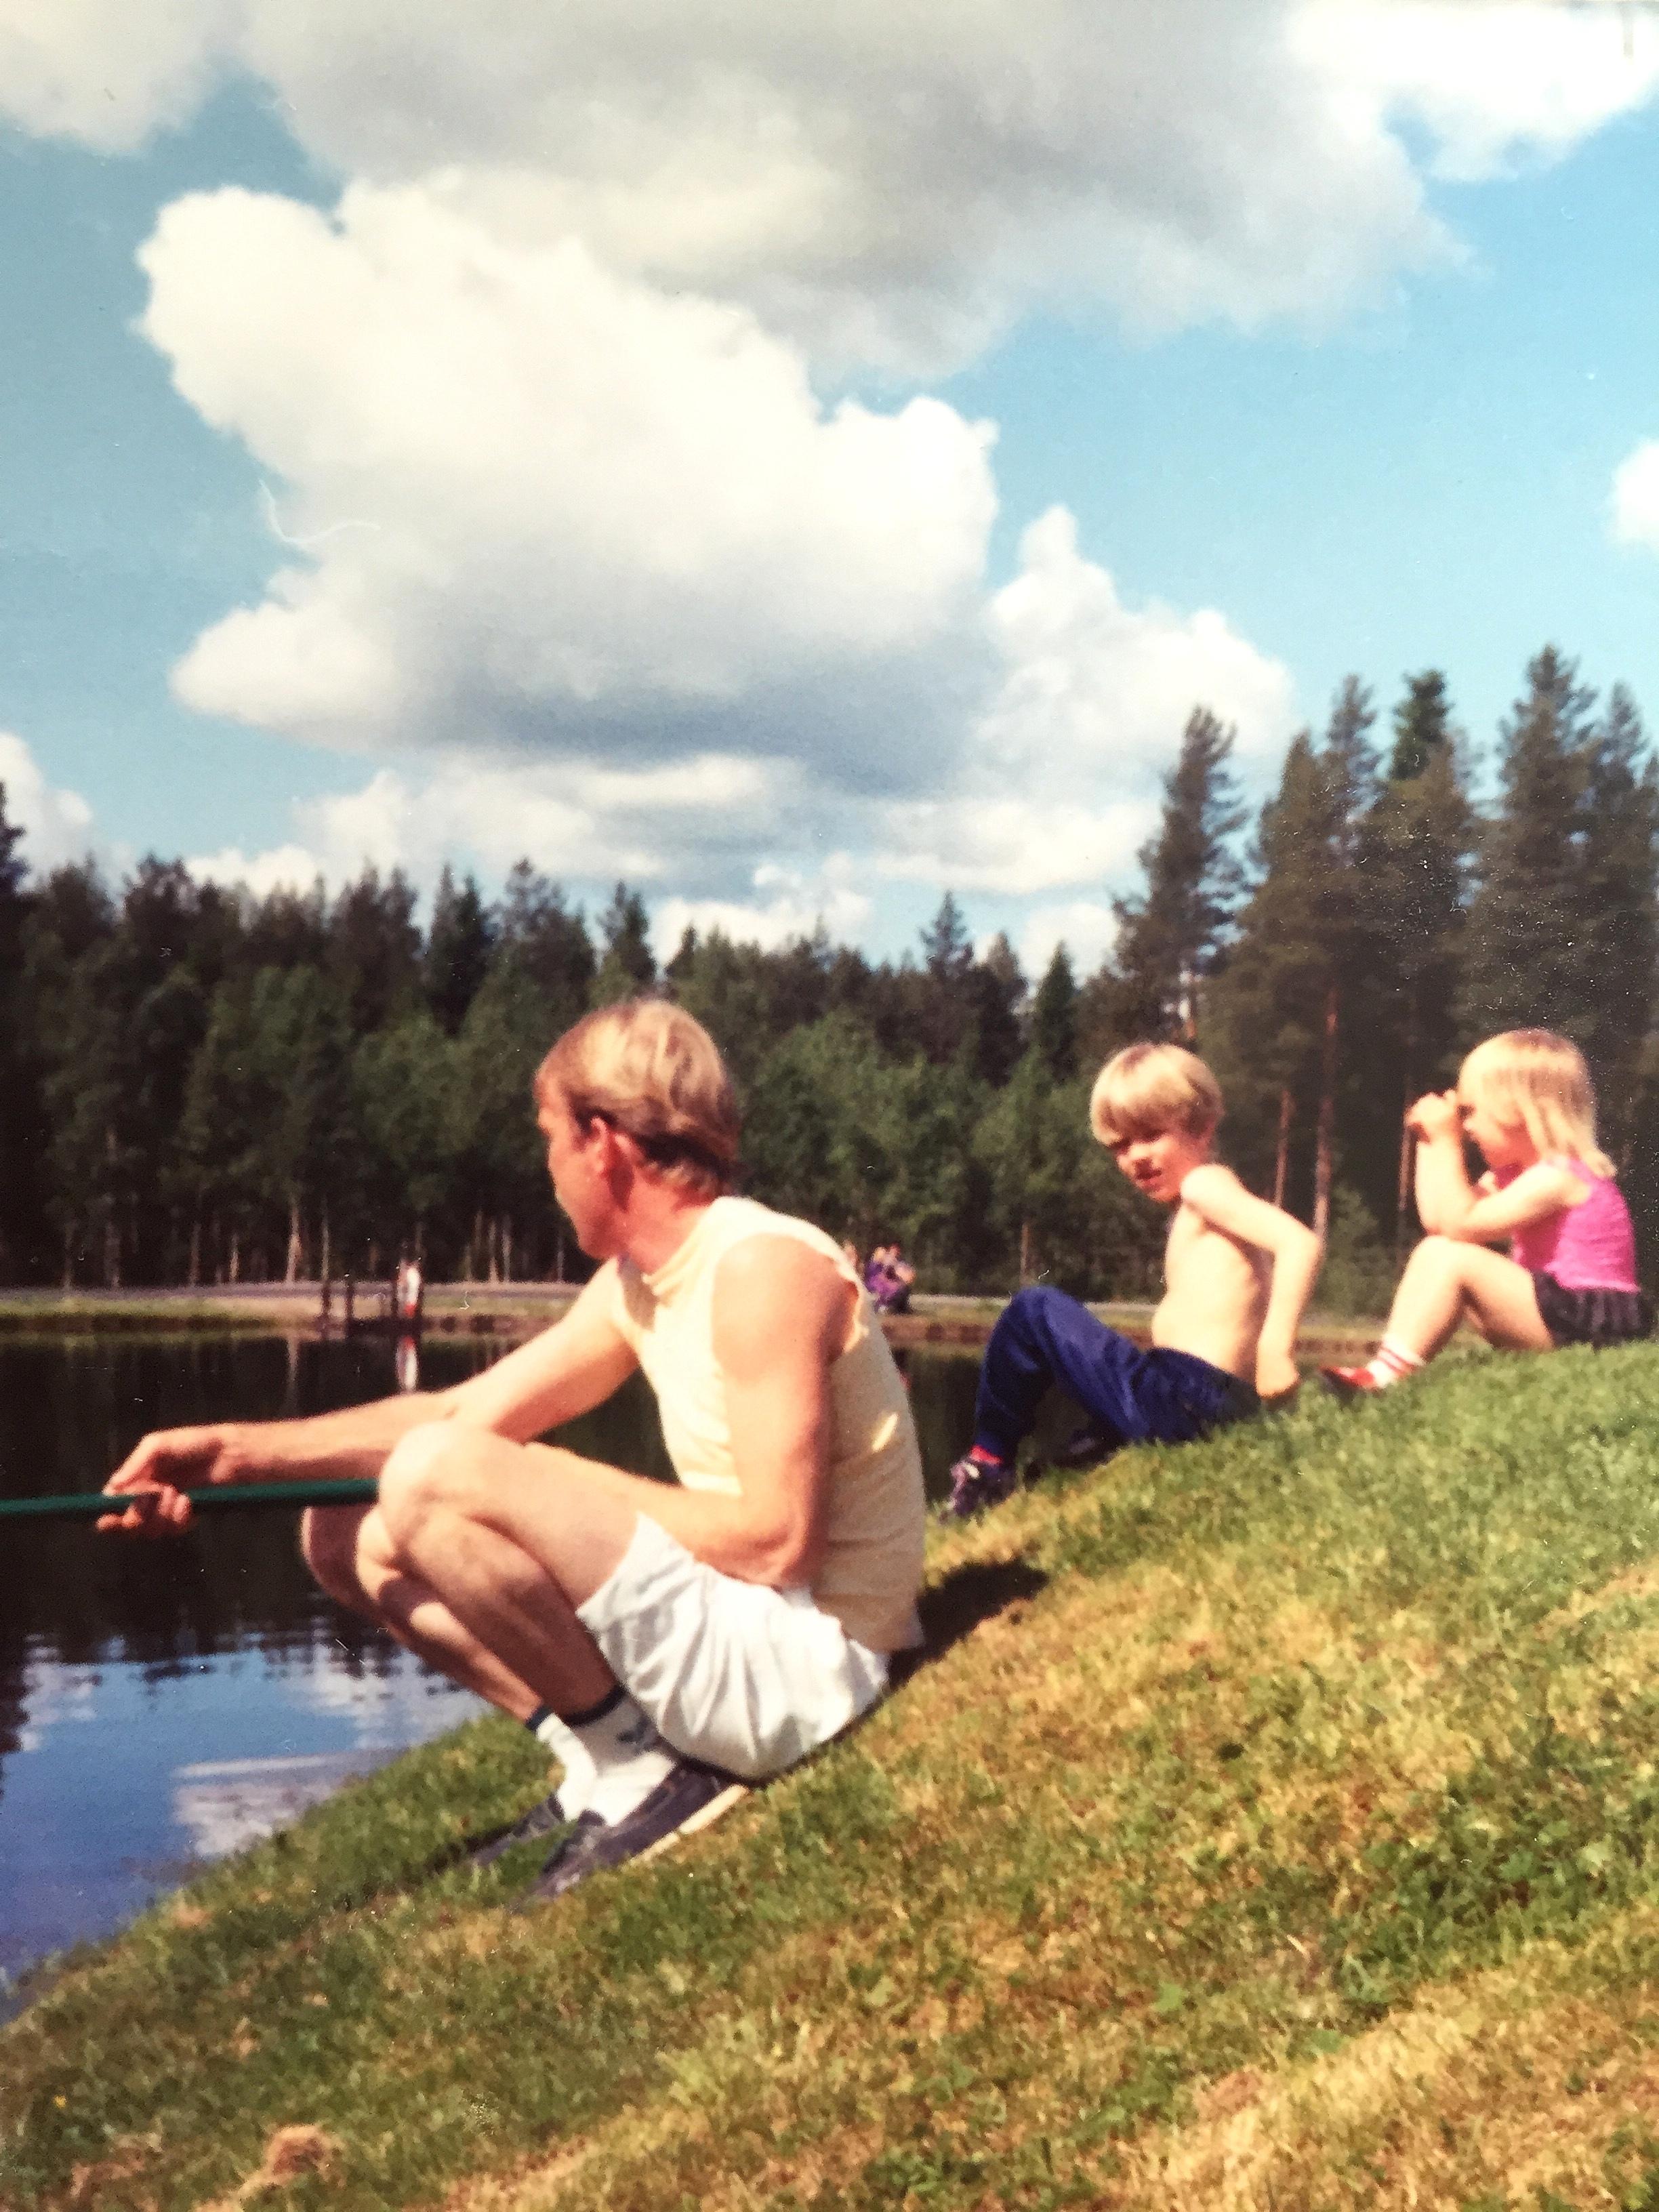 Svenska datingsida på engelska